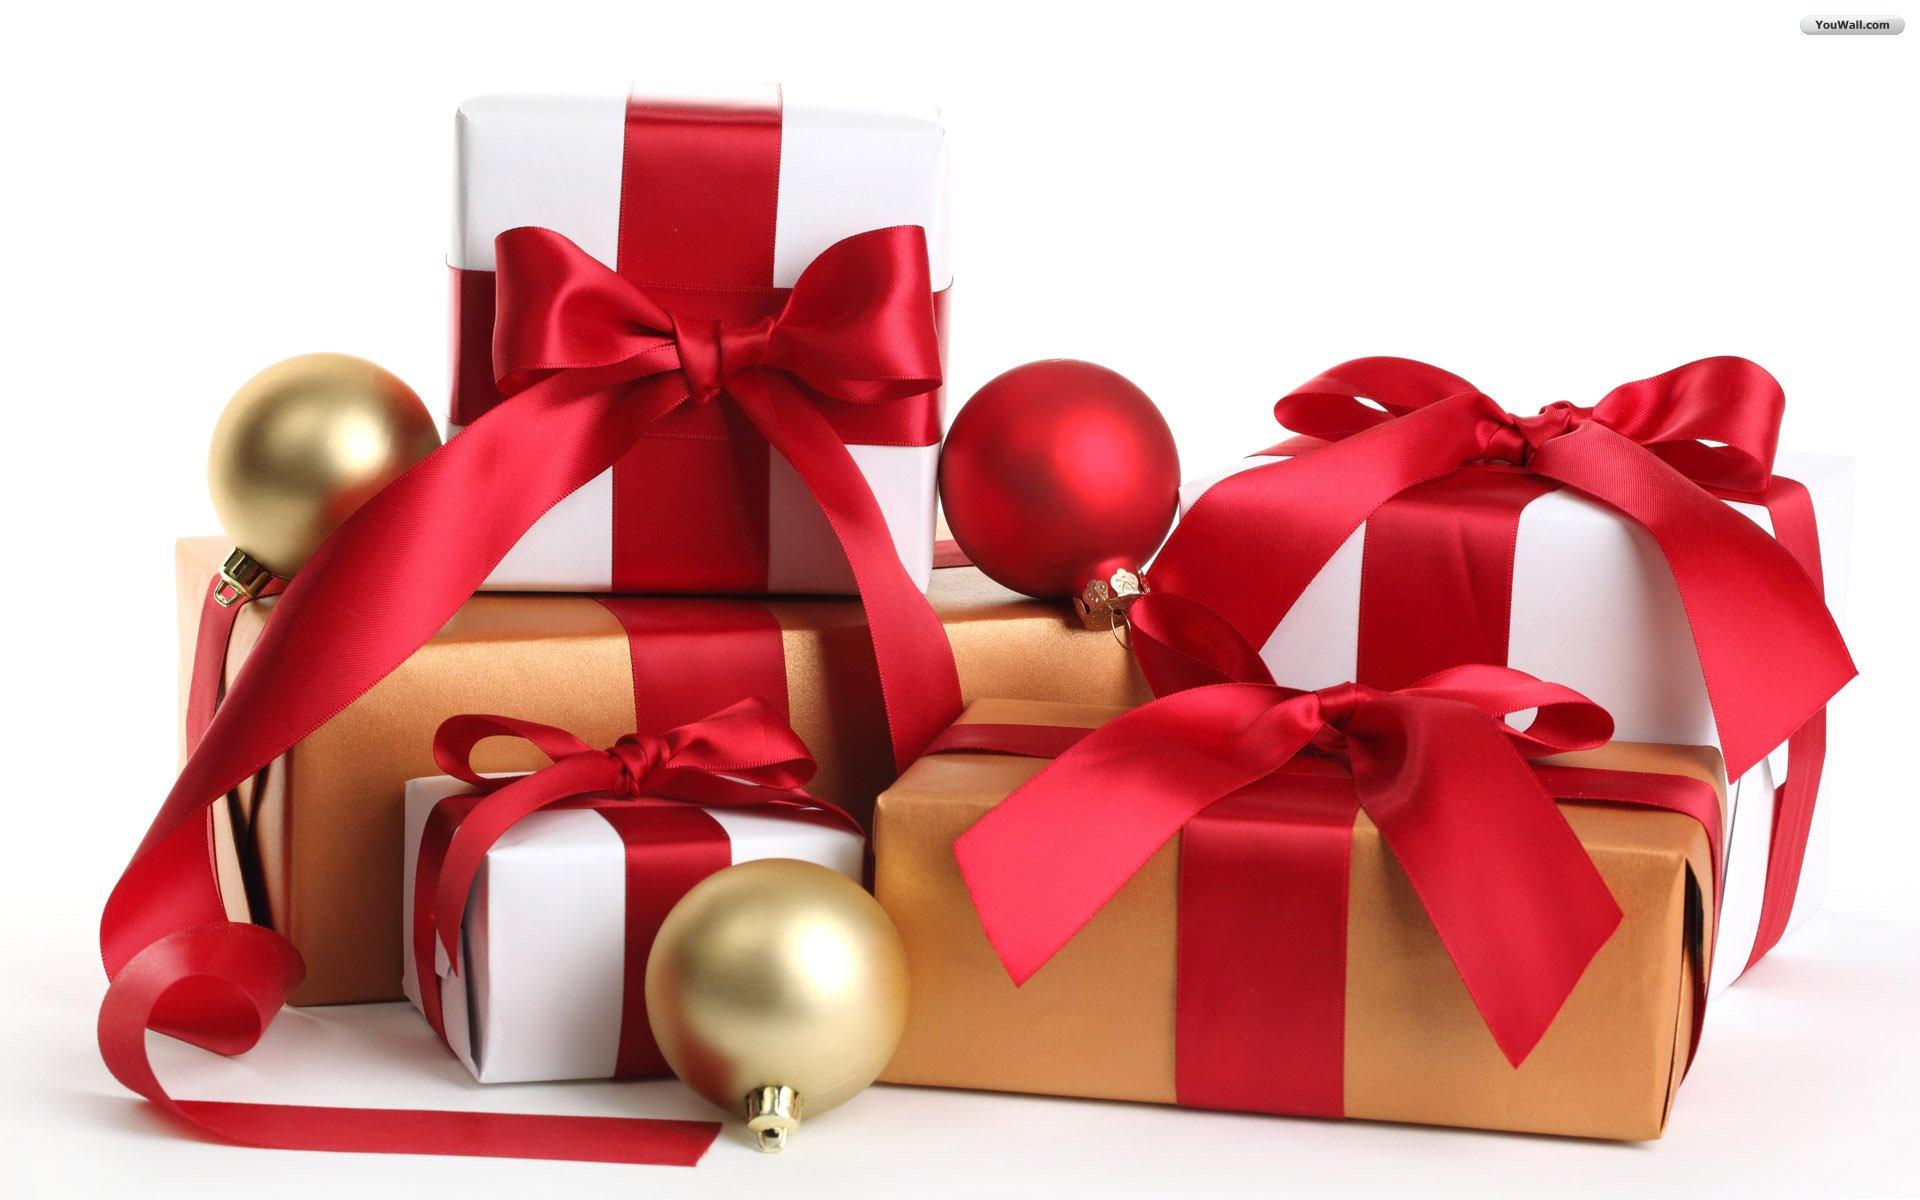 网购礼物解决方案平台 Loop 获 B 轮1600万美元融资